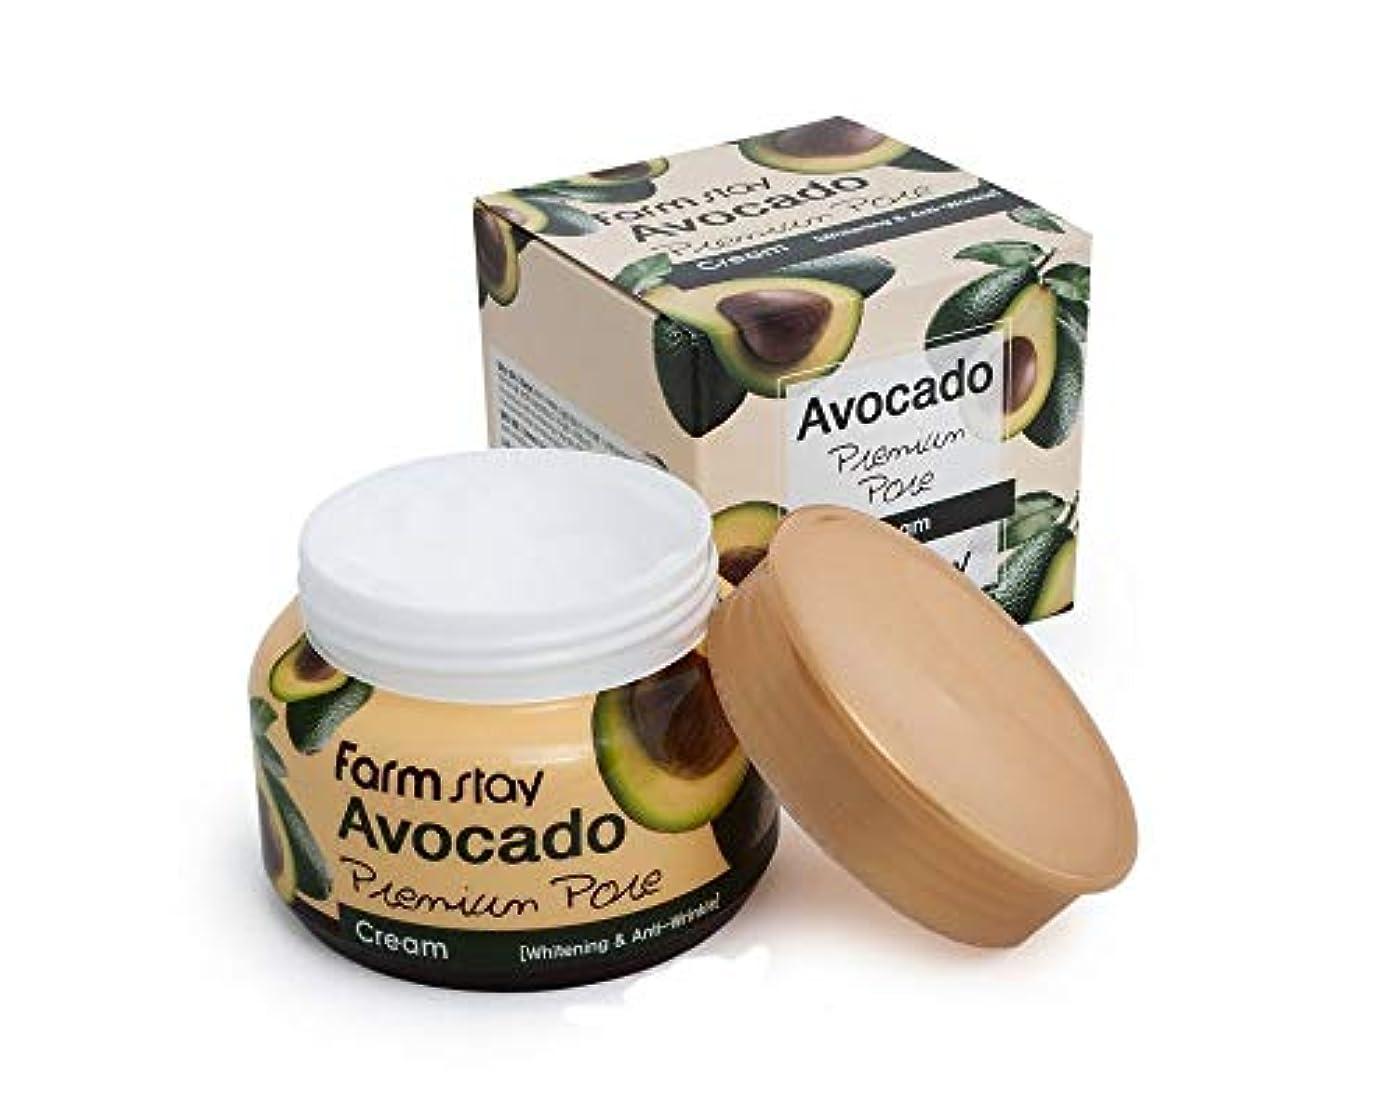 受賞多様性起こるファームステイ[Farm Stay] アボカドプレミアムポアクリーム 100g / Avocado Premium Pore Cream